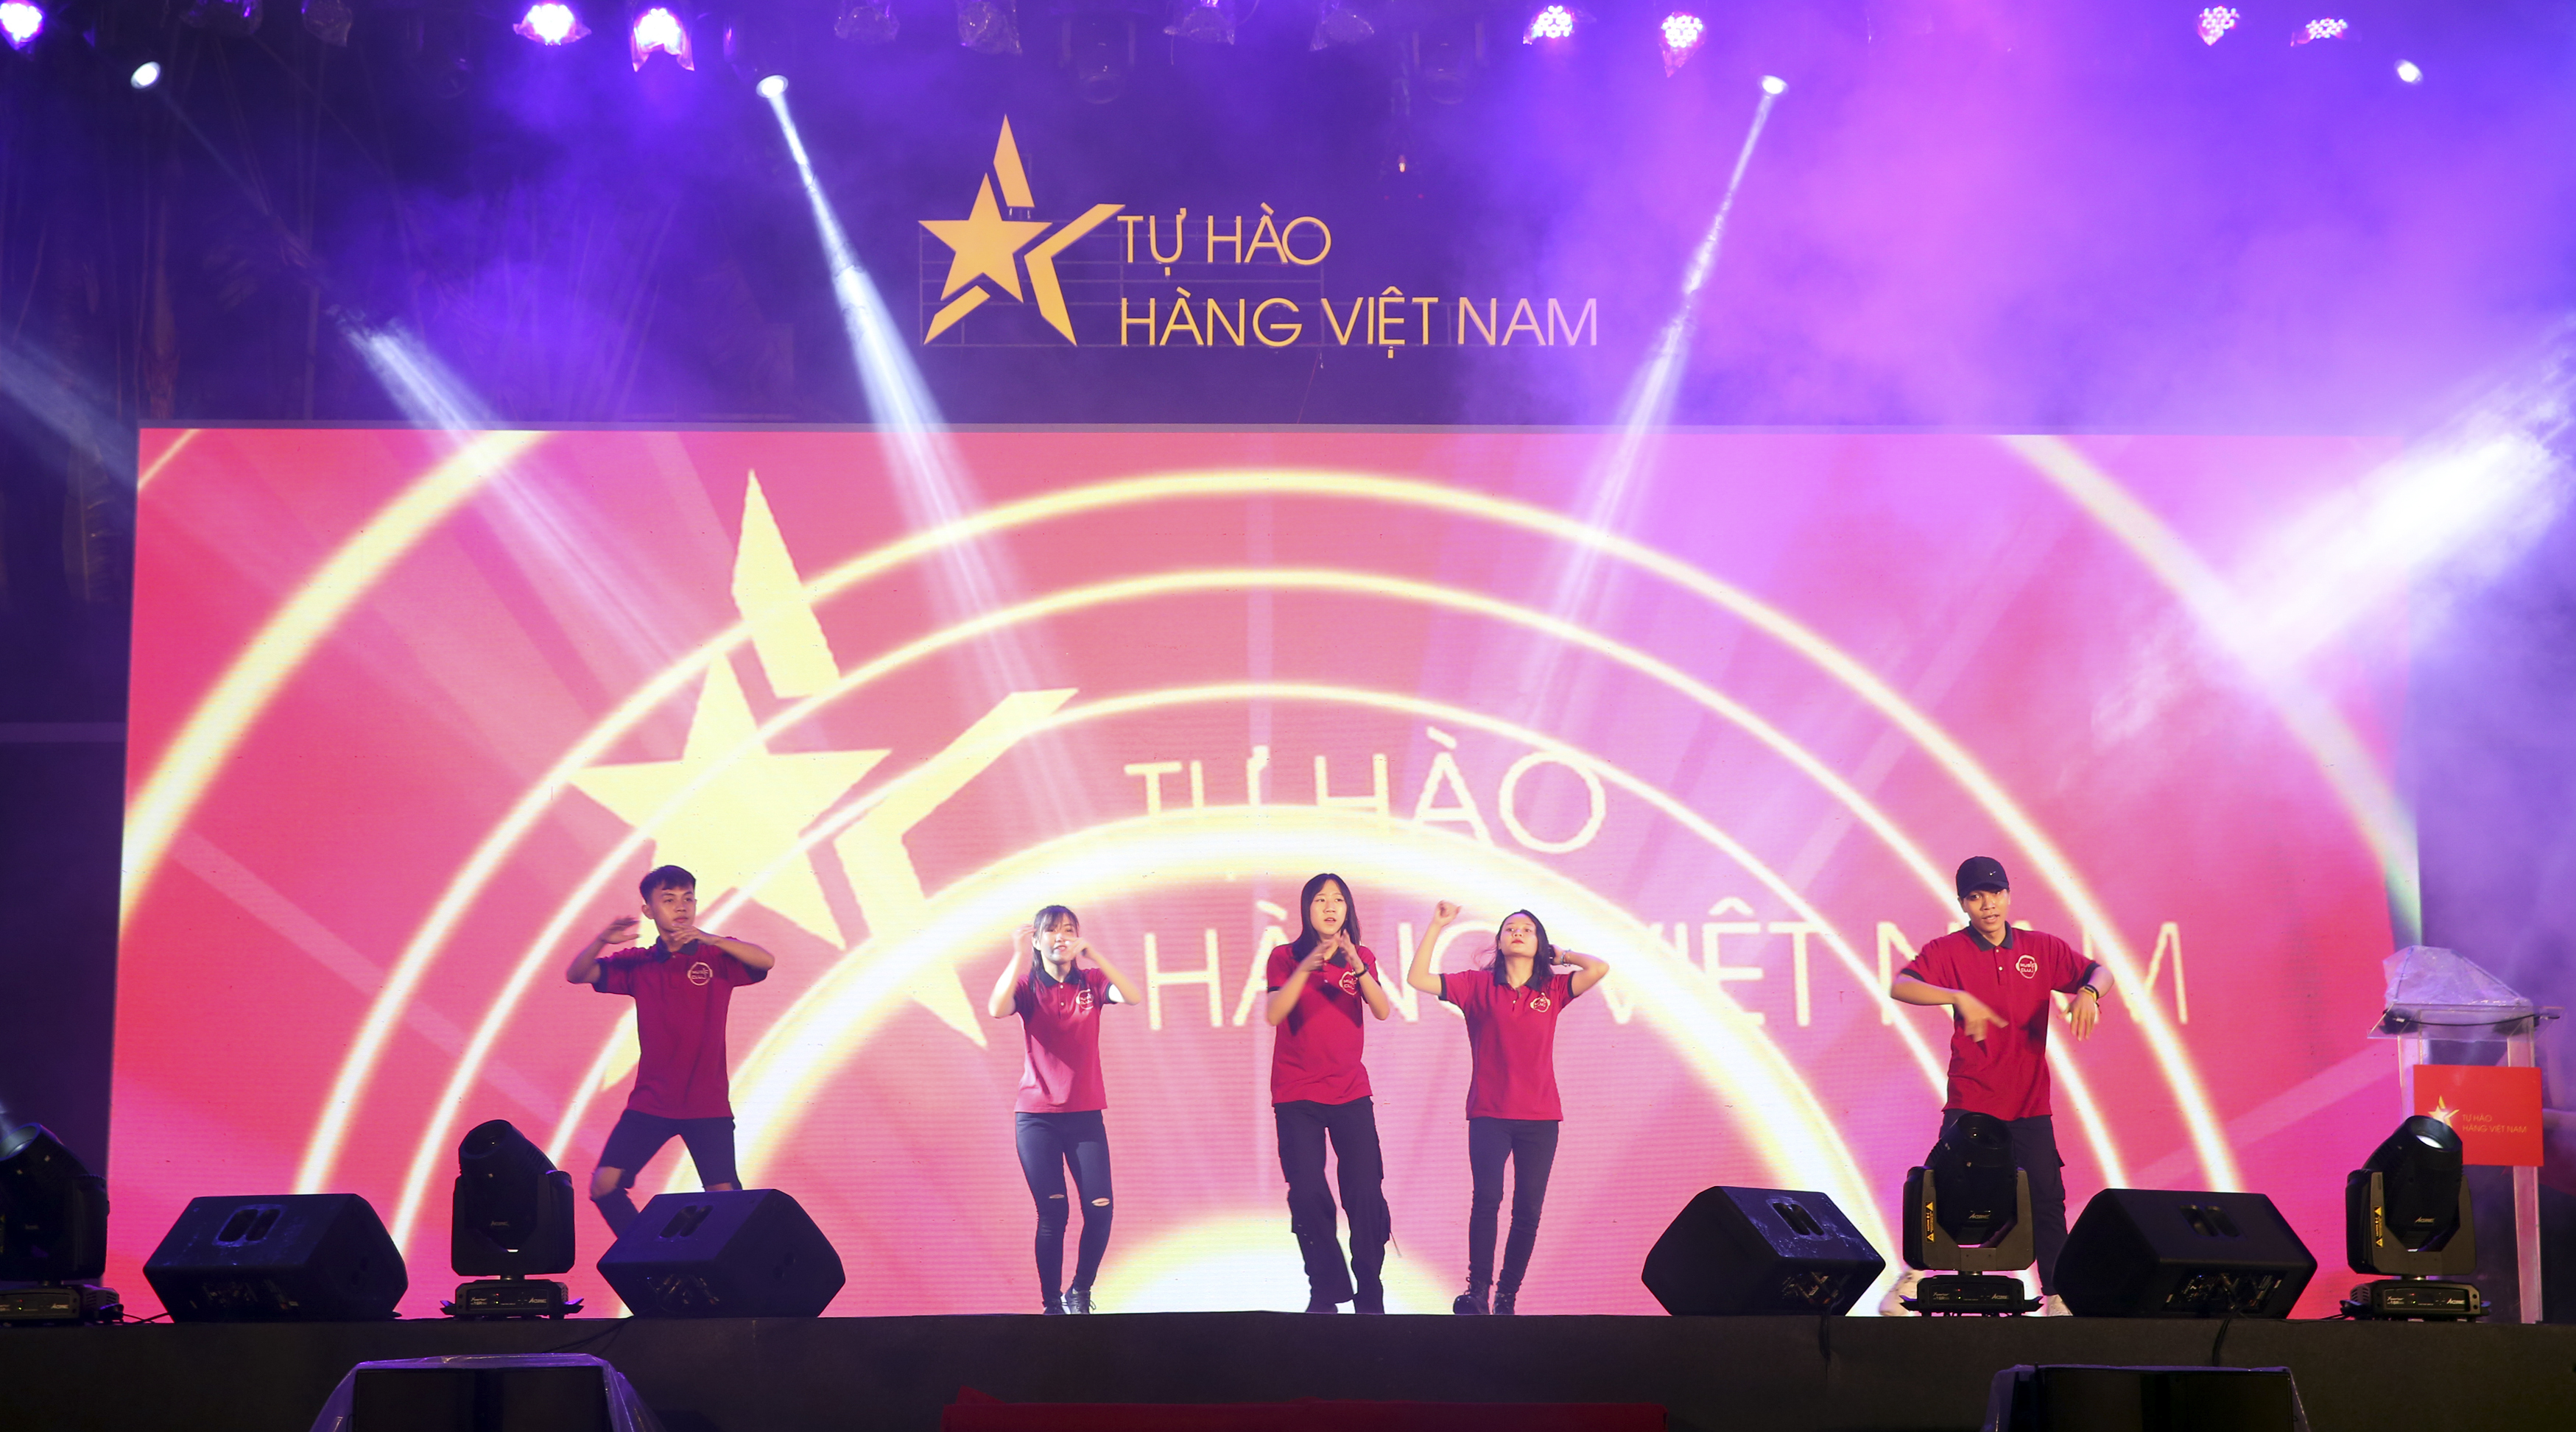 Tự hào hàng Việt Nam